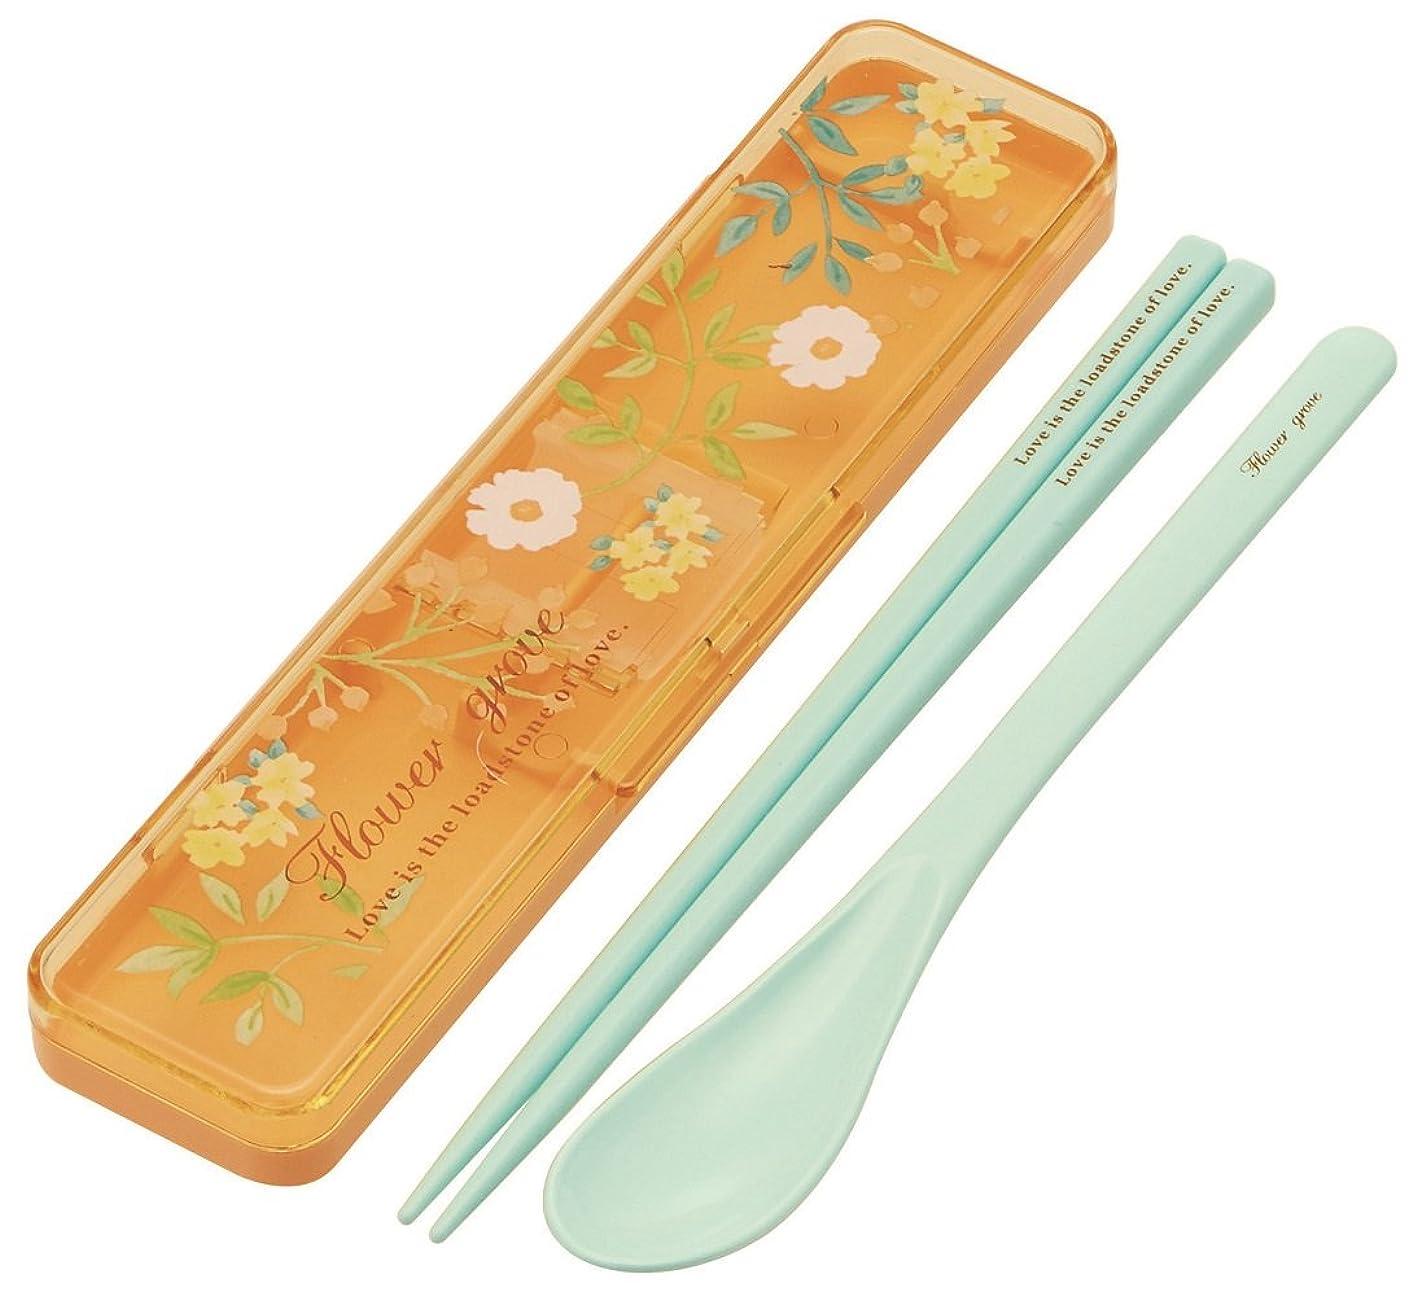 スケート暗唱するラメスケーター 木目調 スリム 箸 箸箱セット 18cm となりのトトロ スタジオジブリ 日本製 ABKS3WB